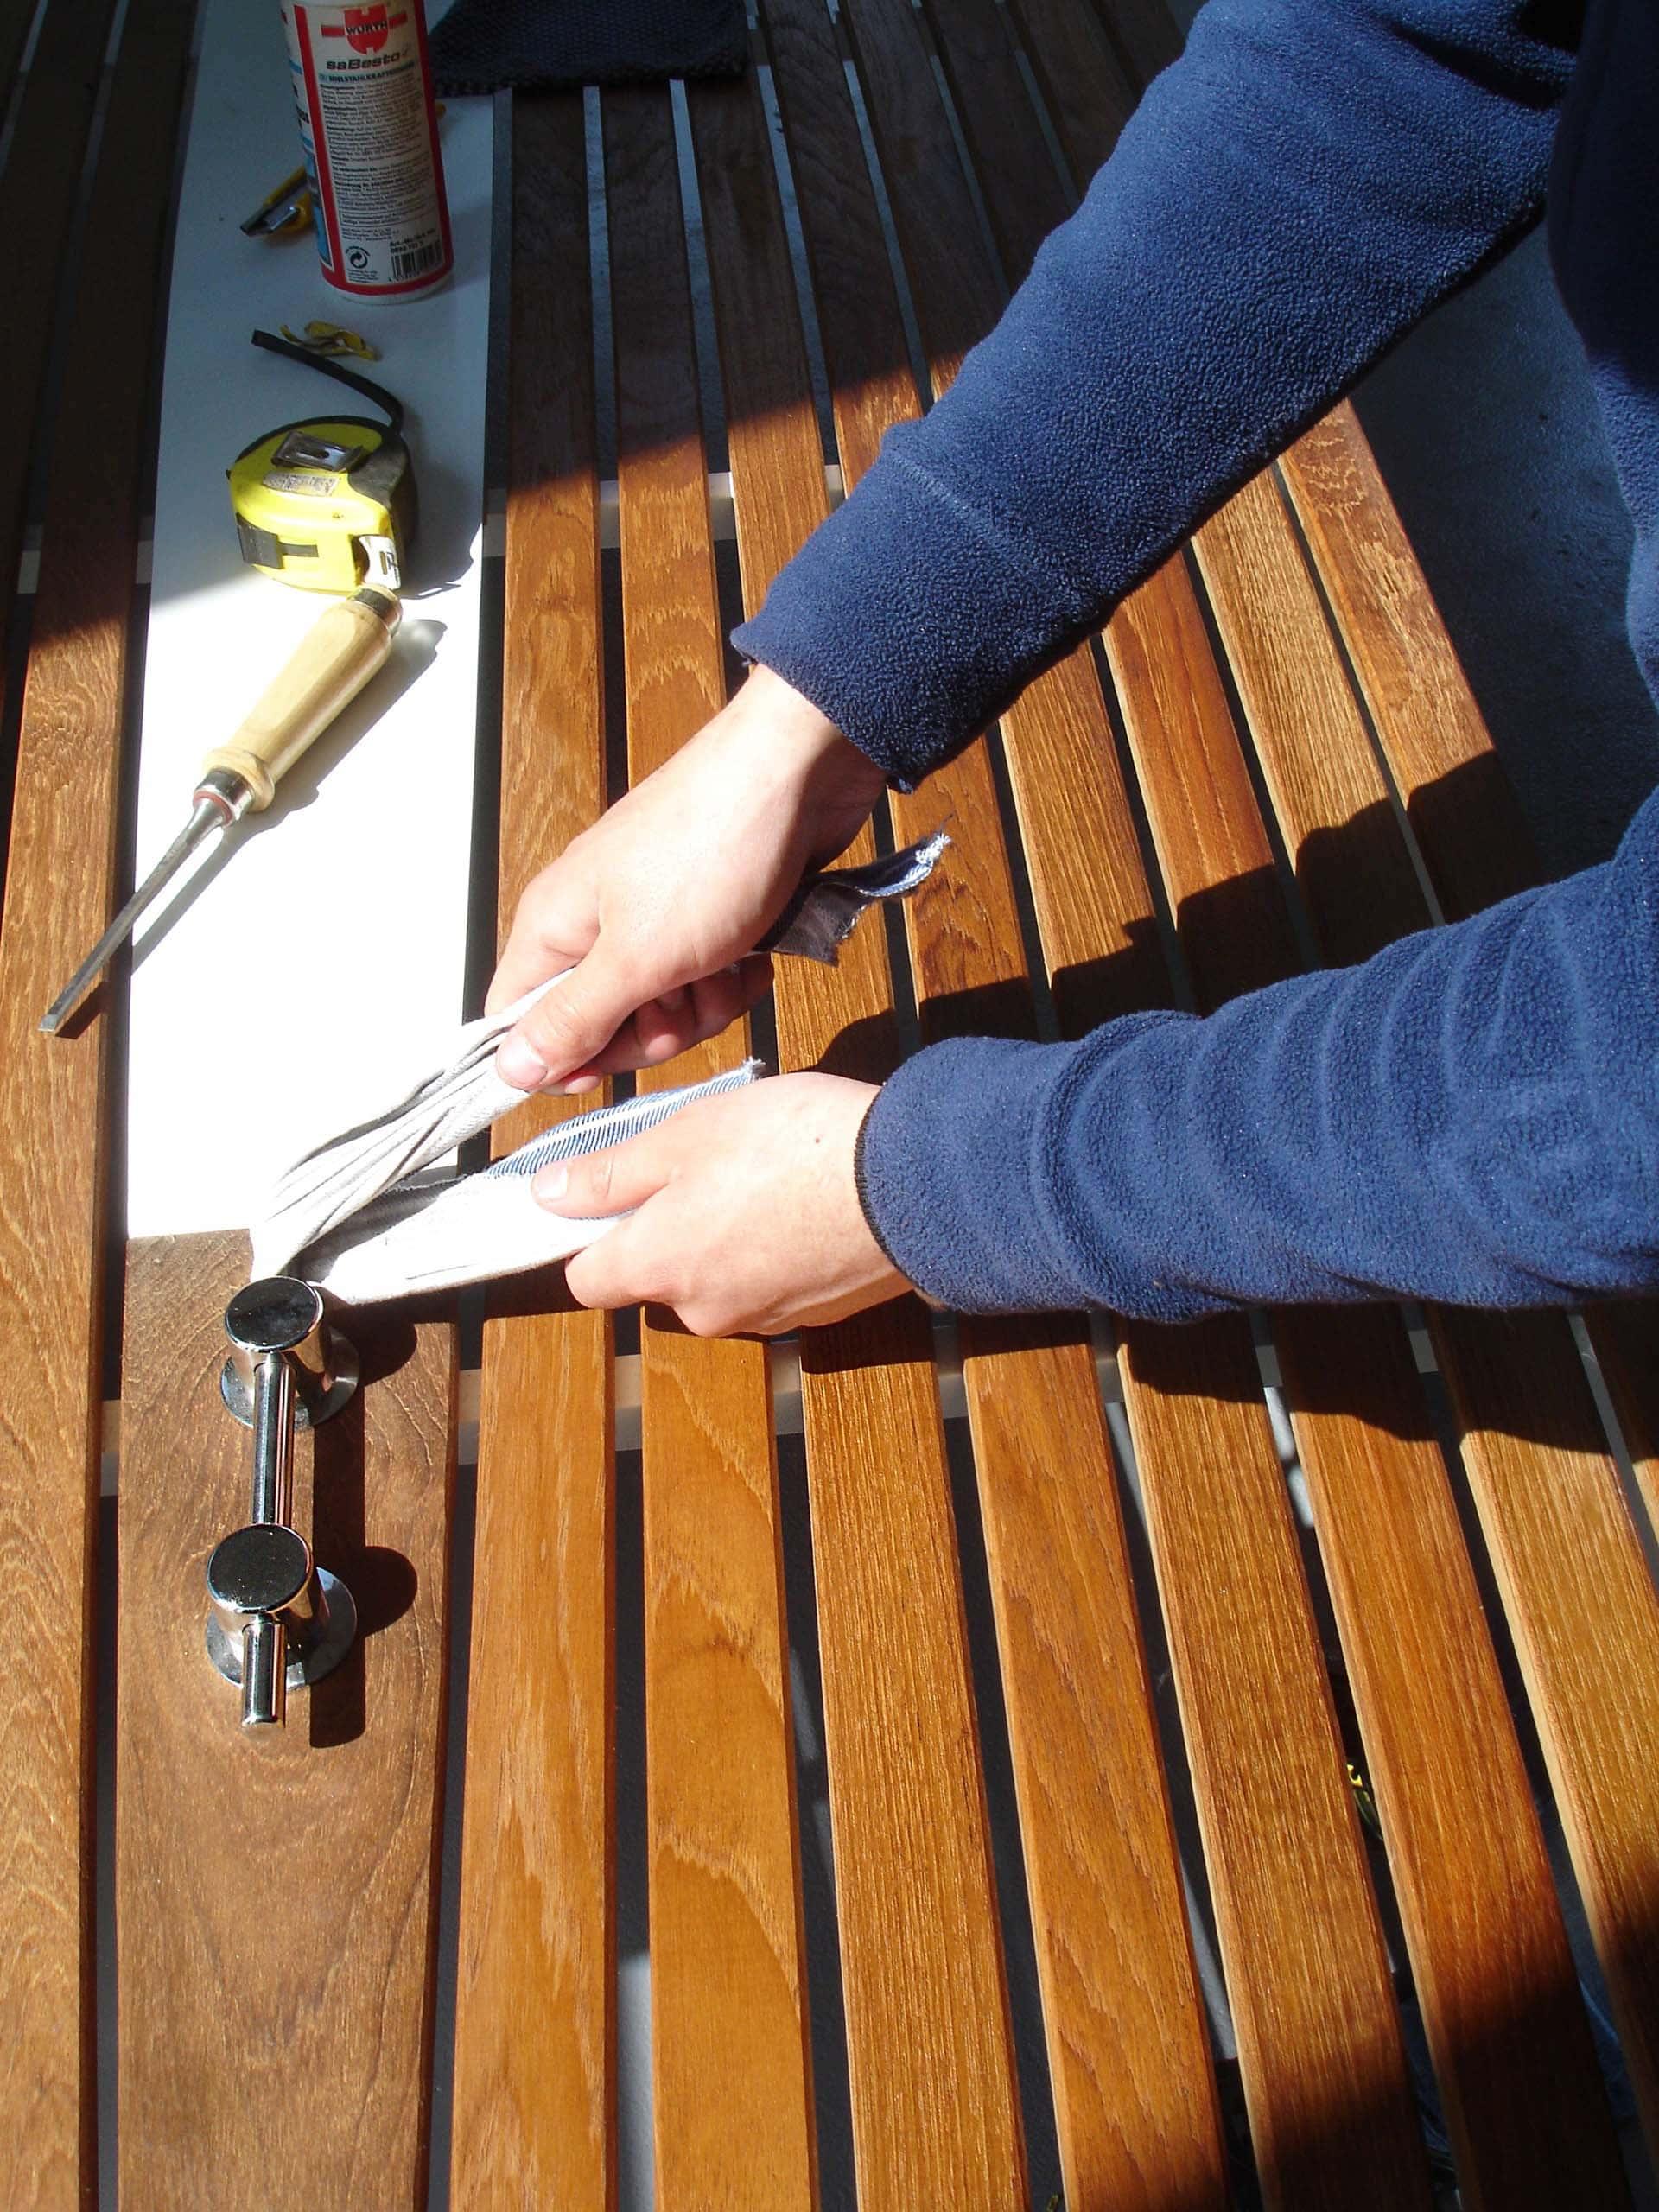 Design Tisch Sealine Nummer 6 Herstellung Werktstatt by Sebastian Bohry timeless design